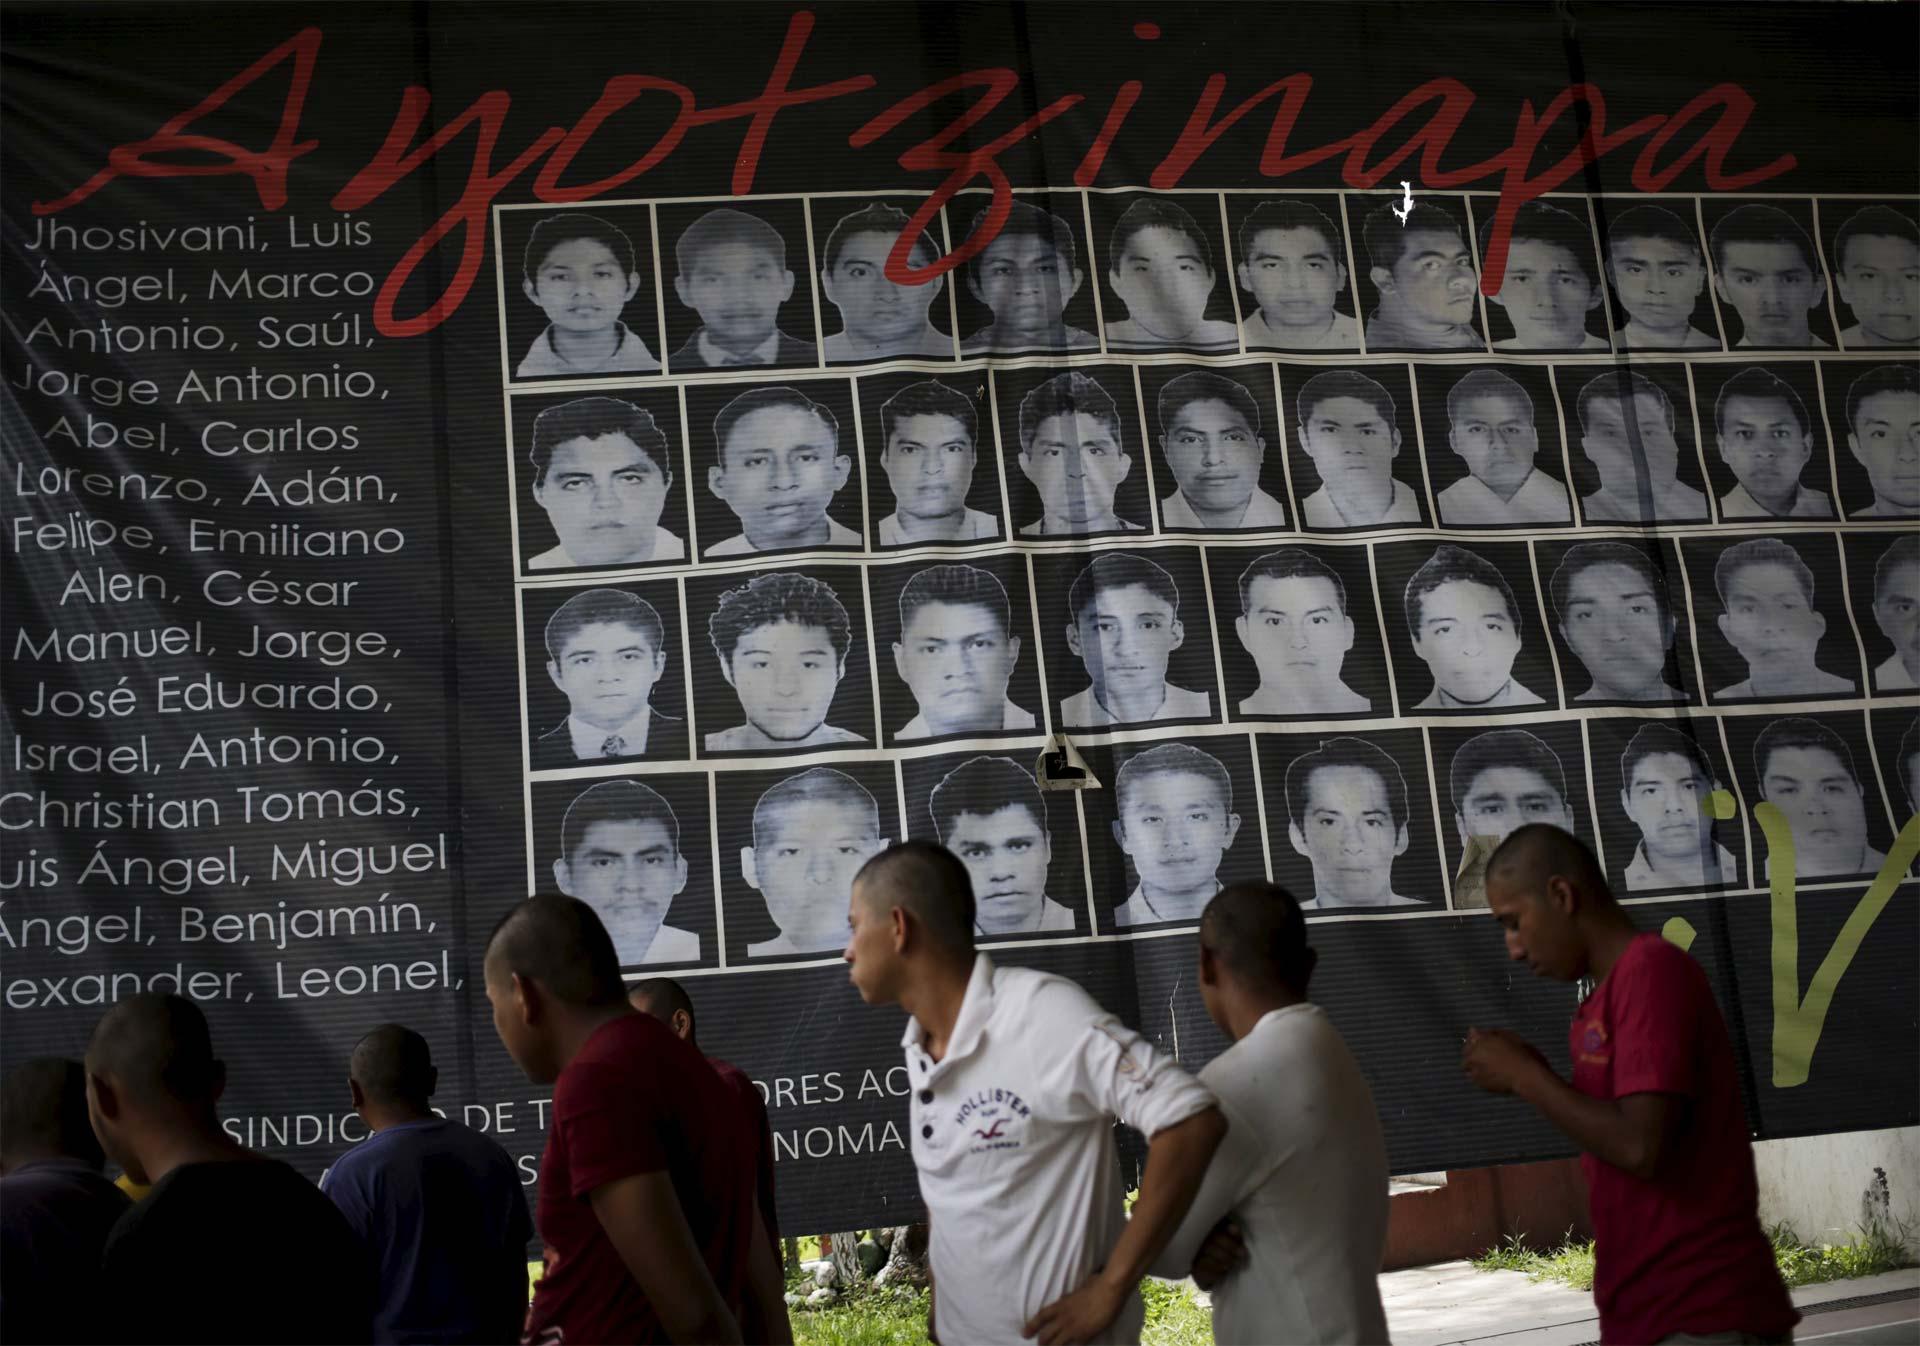 Uno de los principales sospechosos de la desaparición de 43 estudiantes mexicanos fue detenido en Guerrero